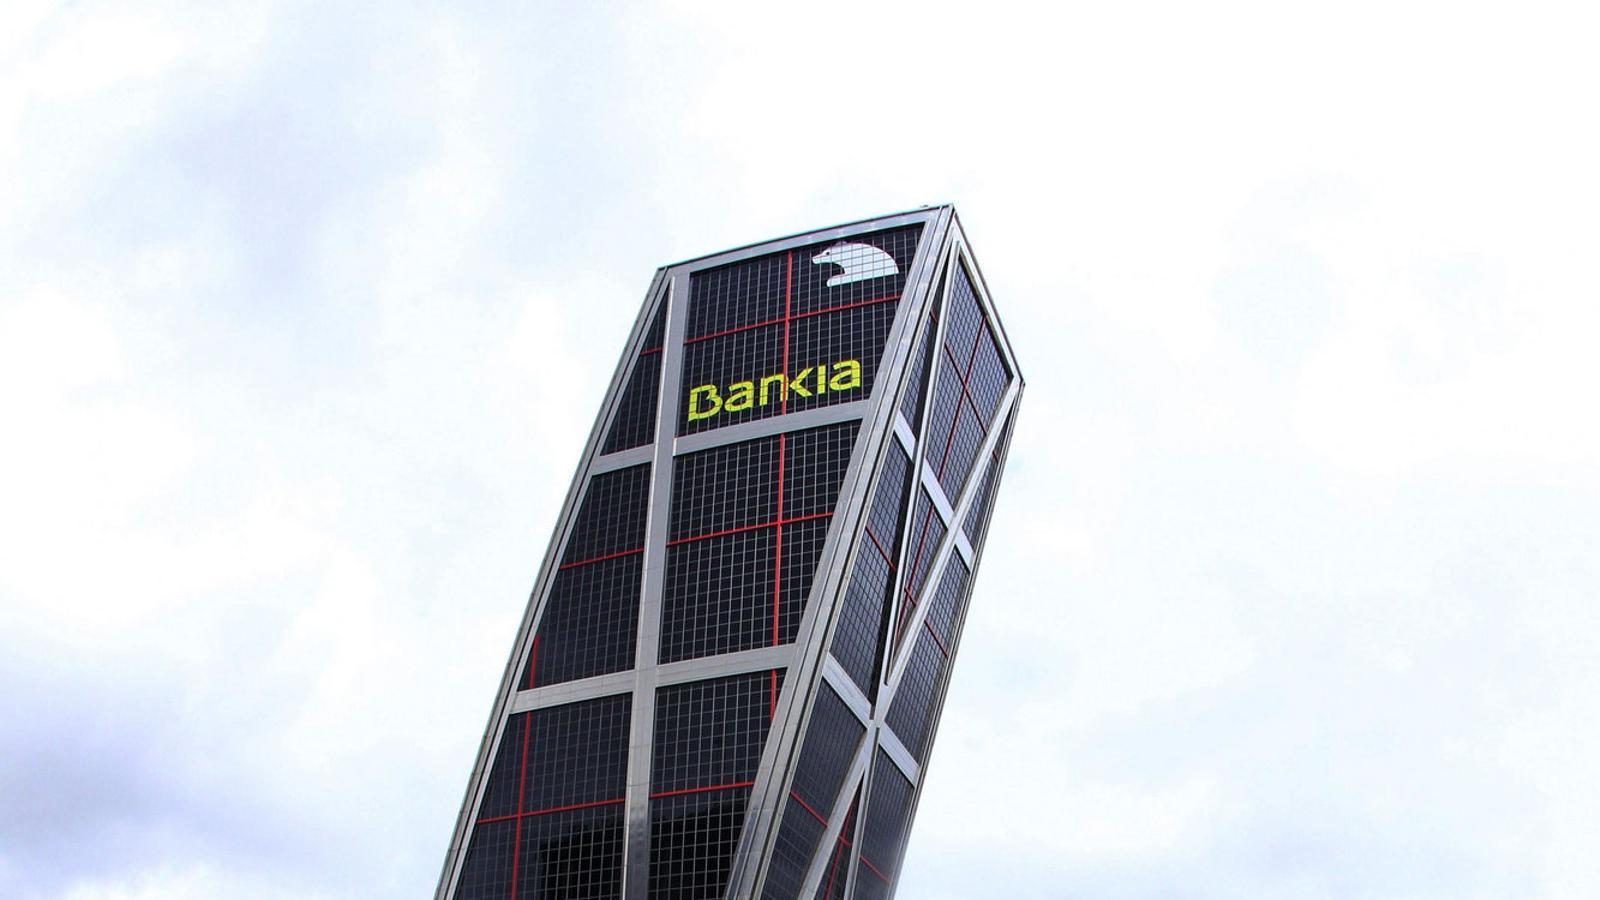 La seu de Bankia, a Madrid. / ZIPI / EFE